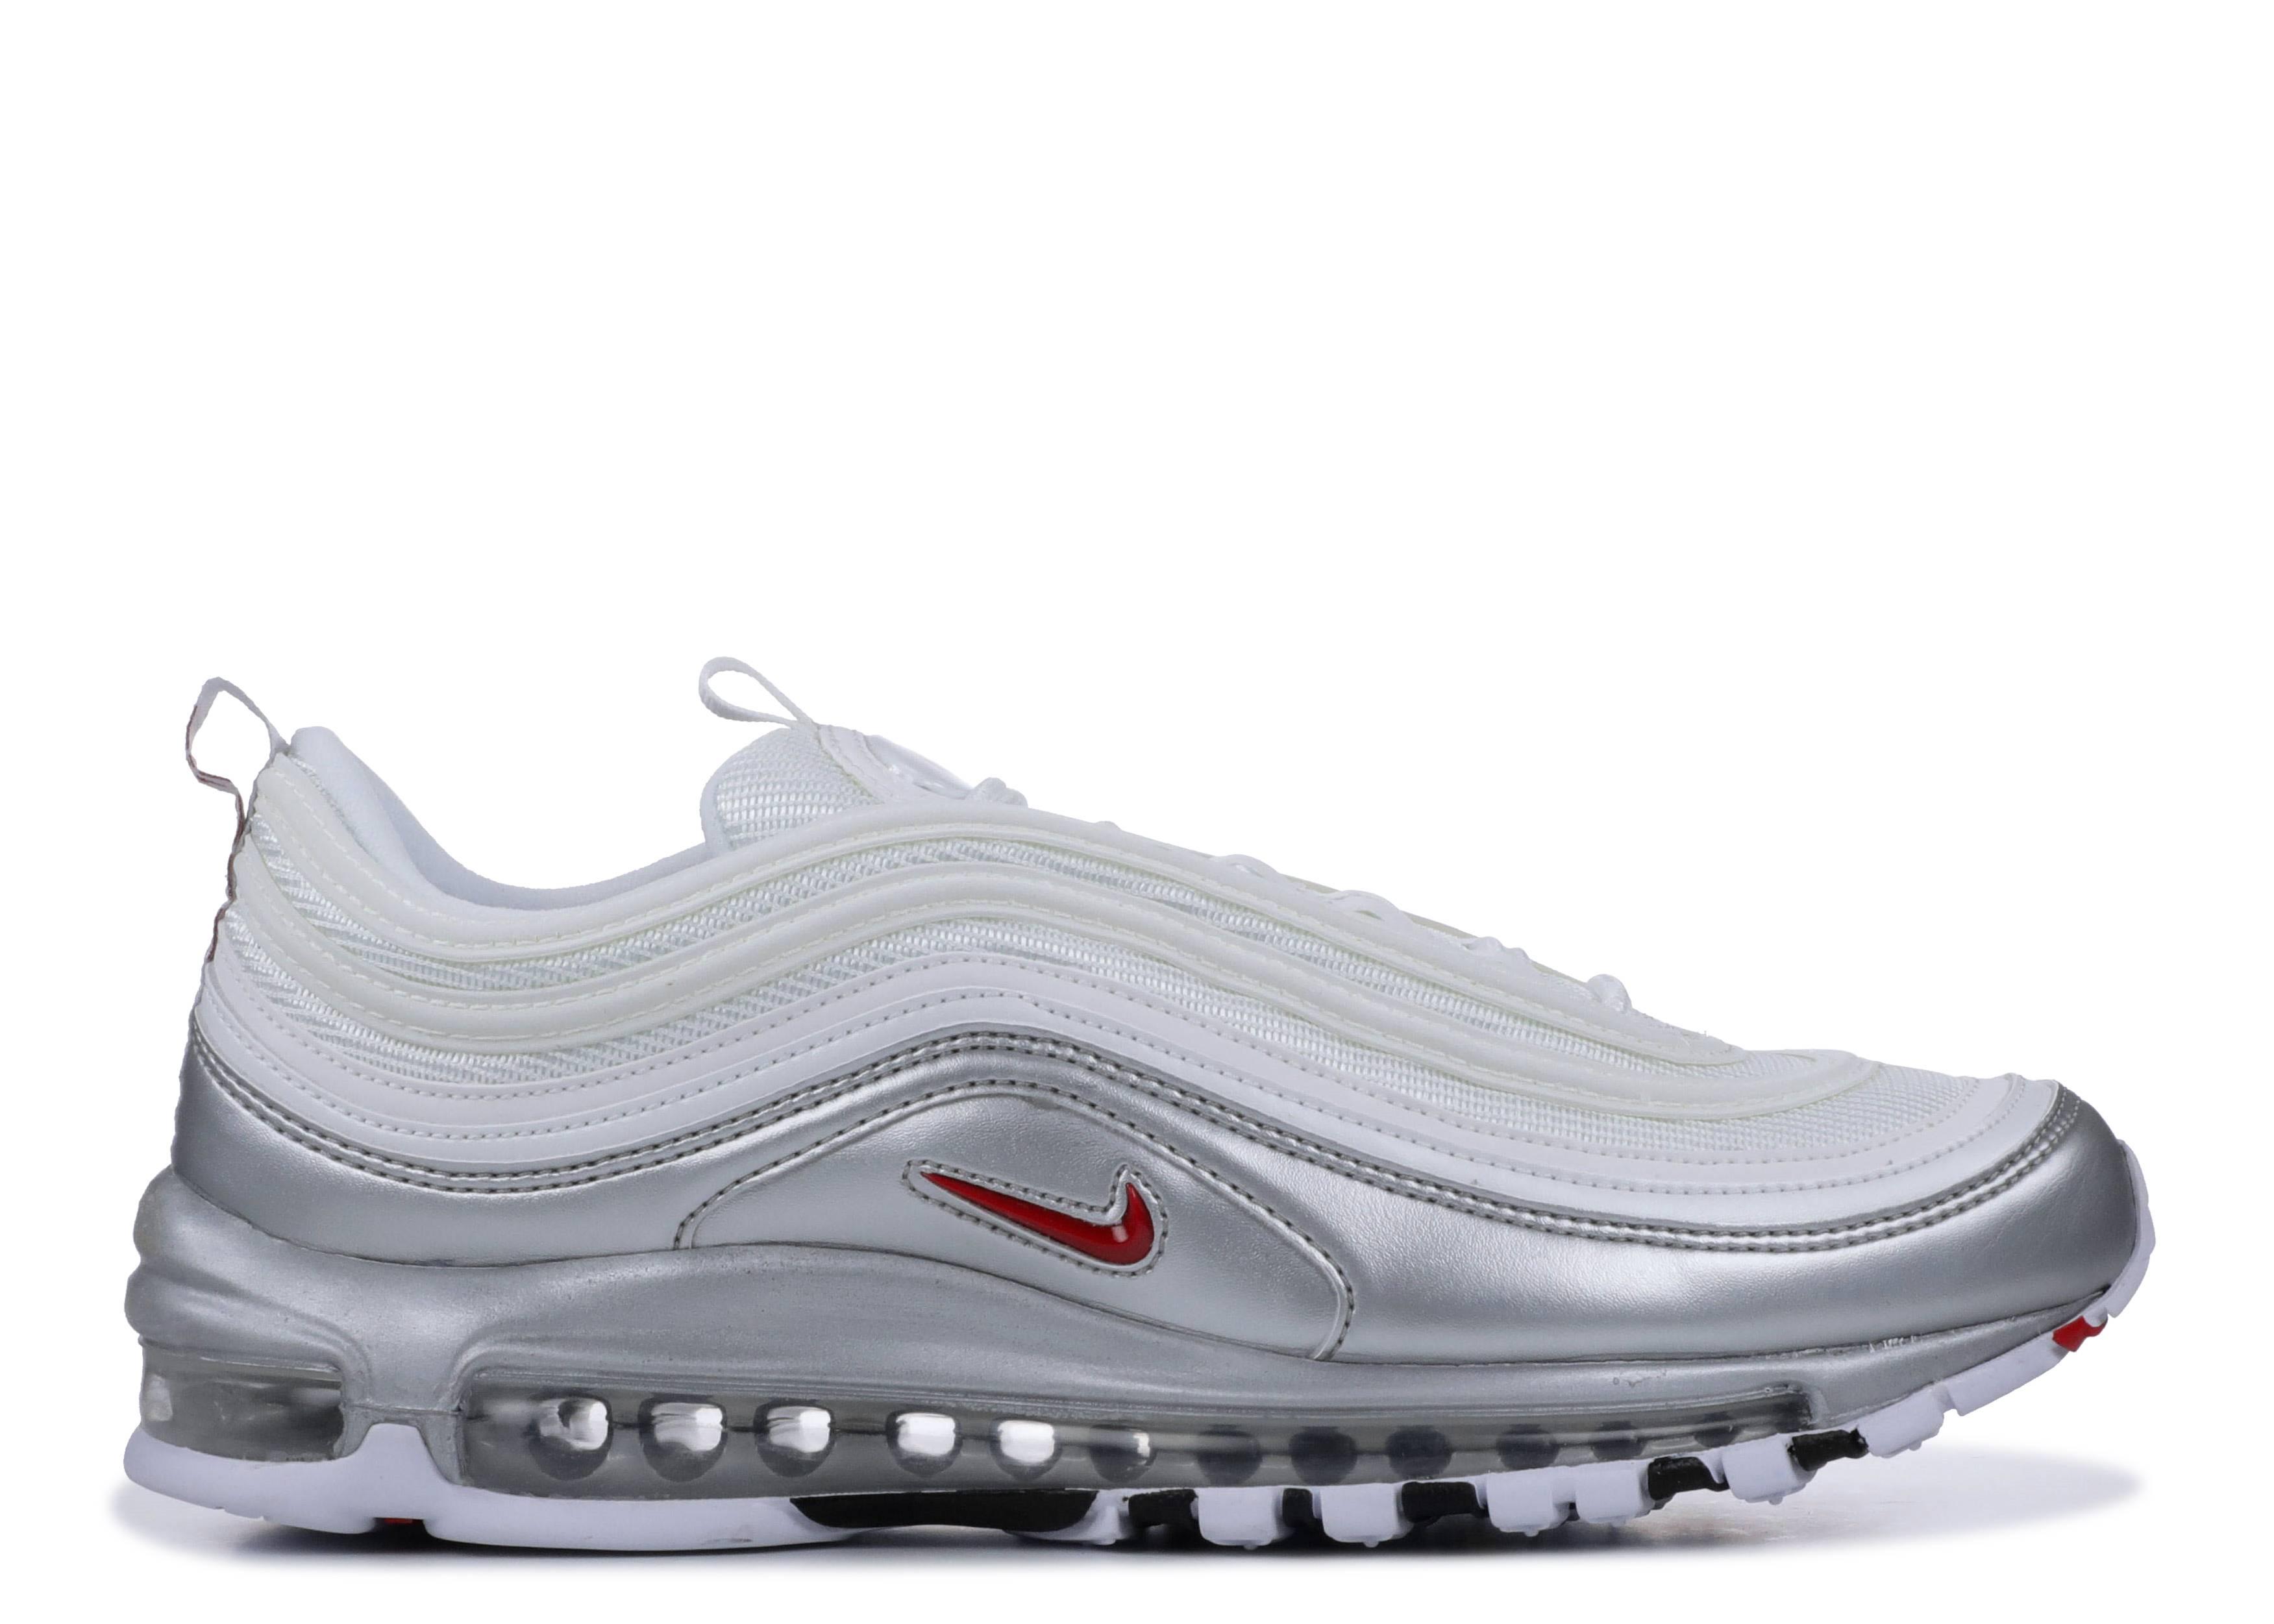 673f0fe14b342b Nike Air Max 97 Qs - Nike - at5458 100 - white varsity red